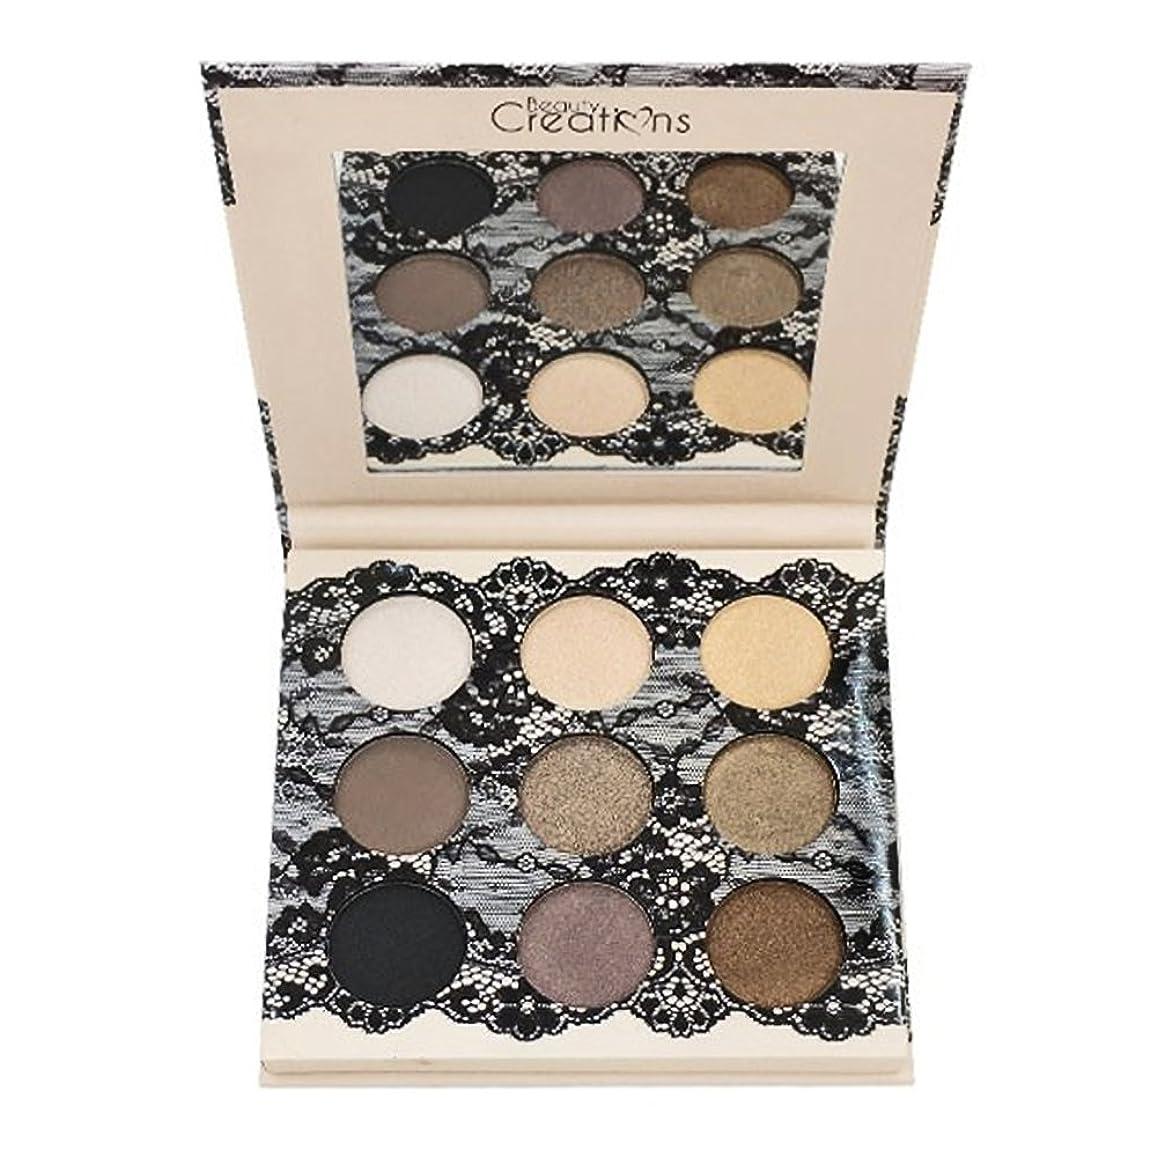 予見するセラー登る(6 Pack) BEAUTY CREATIONS Boudoir Shadows 9 Shades Eyeshadow Palette - B (並行輸入品)